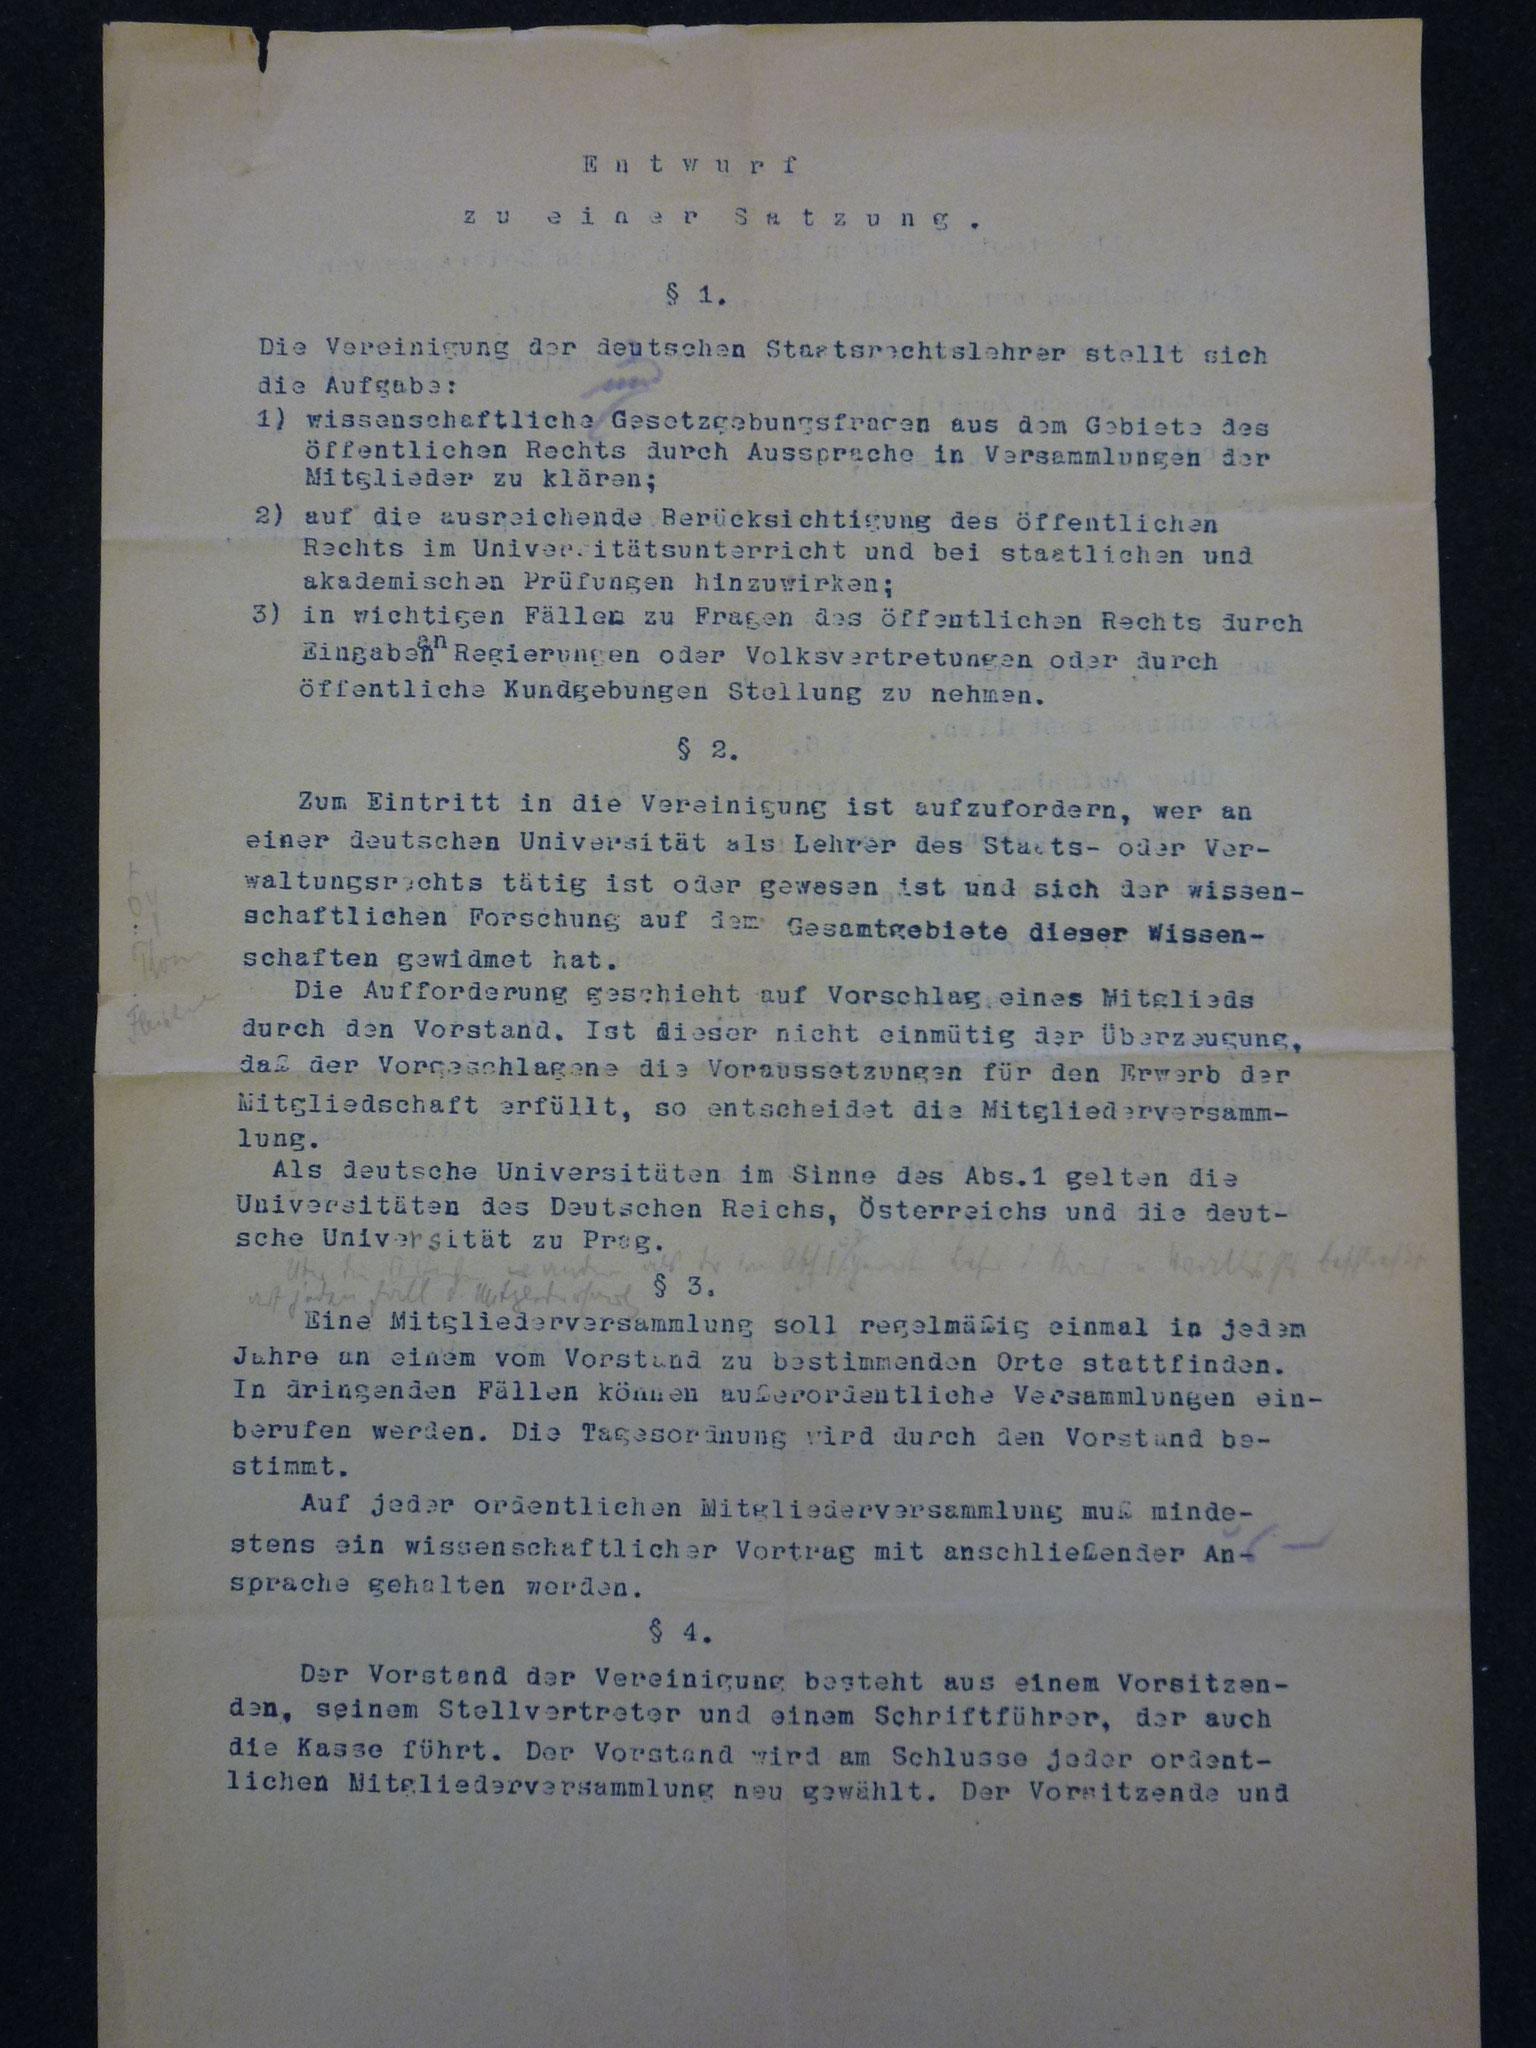 Entwurf einer Satzung der Vereinigung 1922 / 1